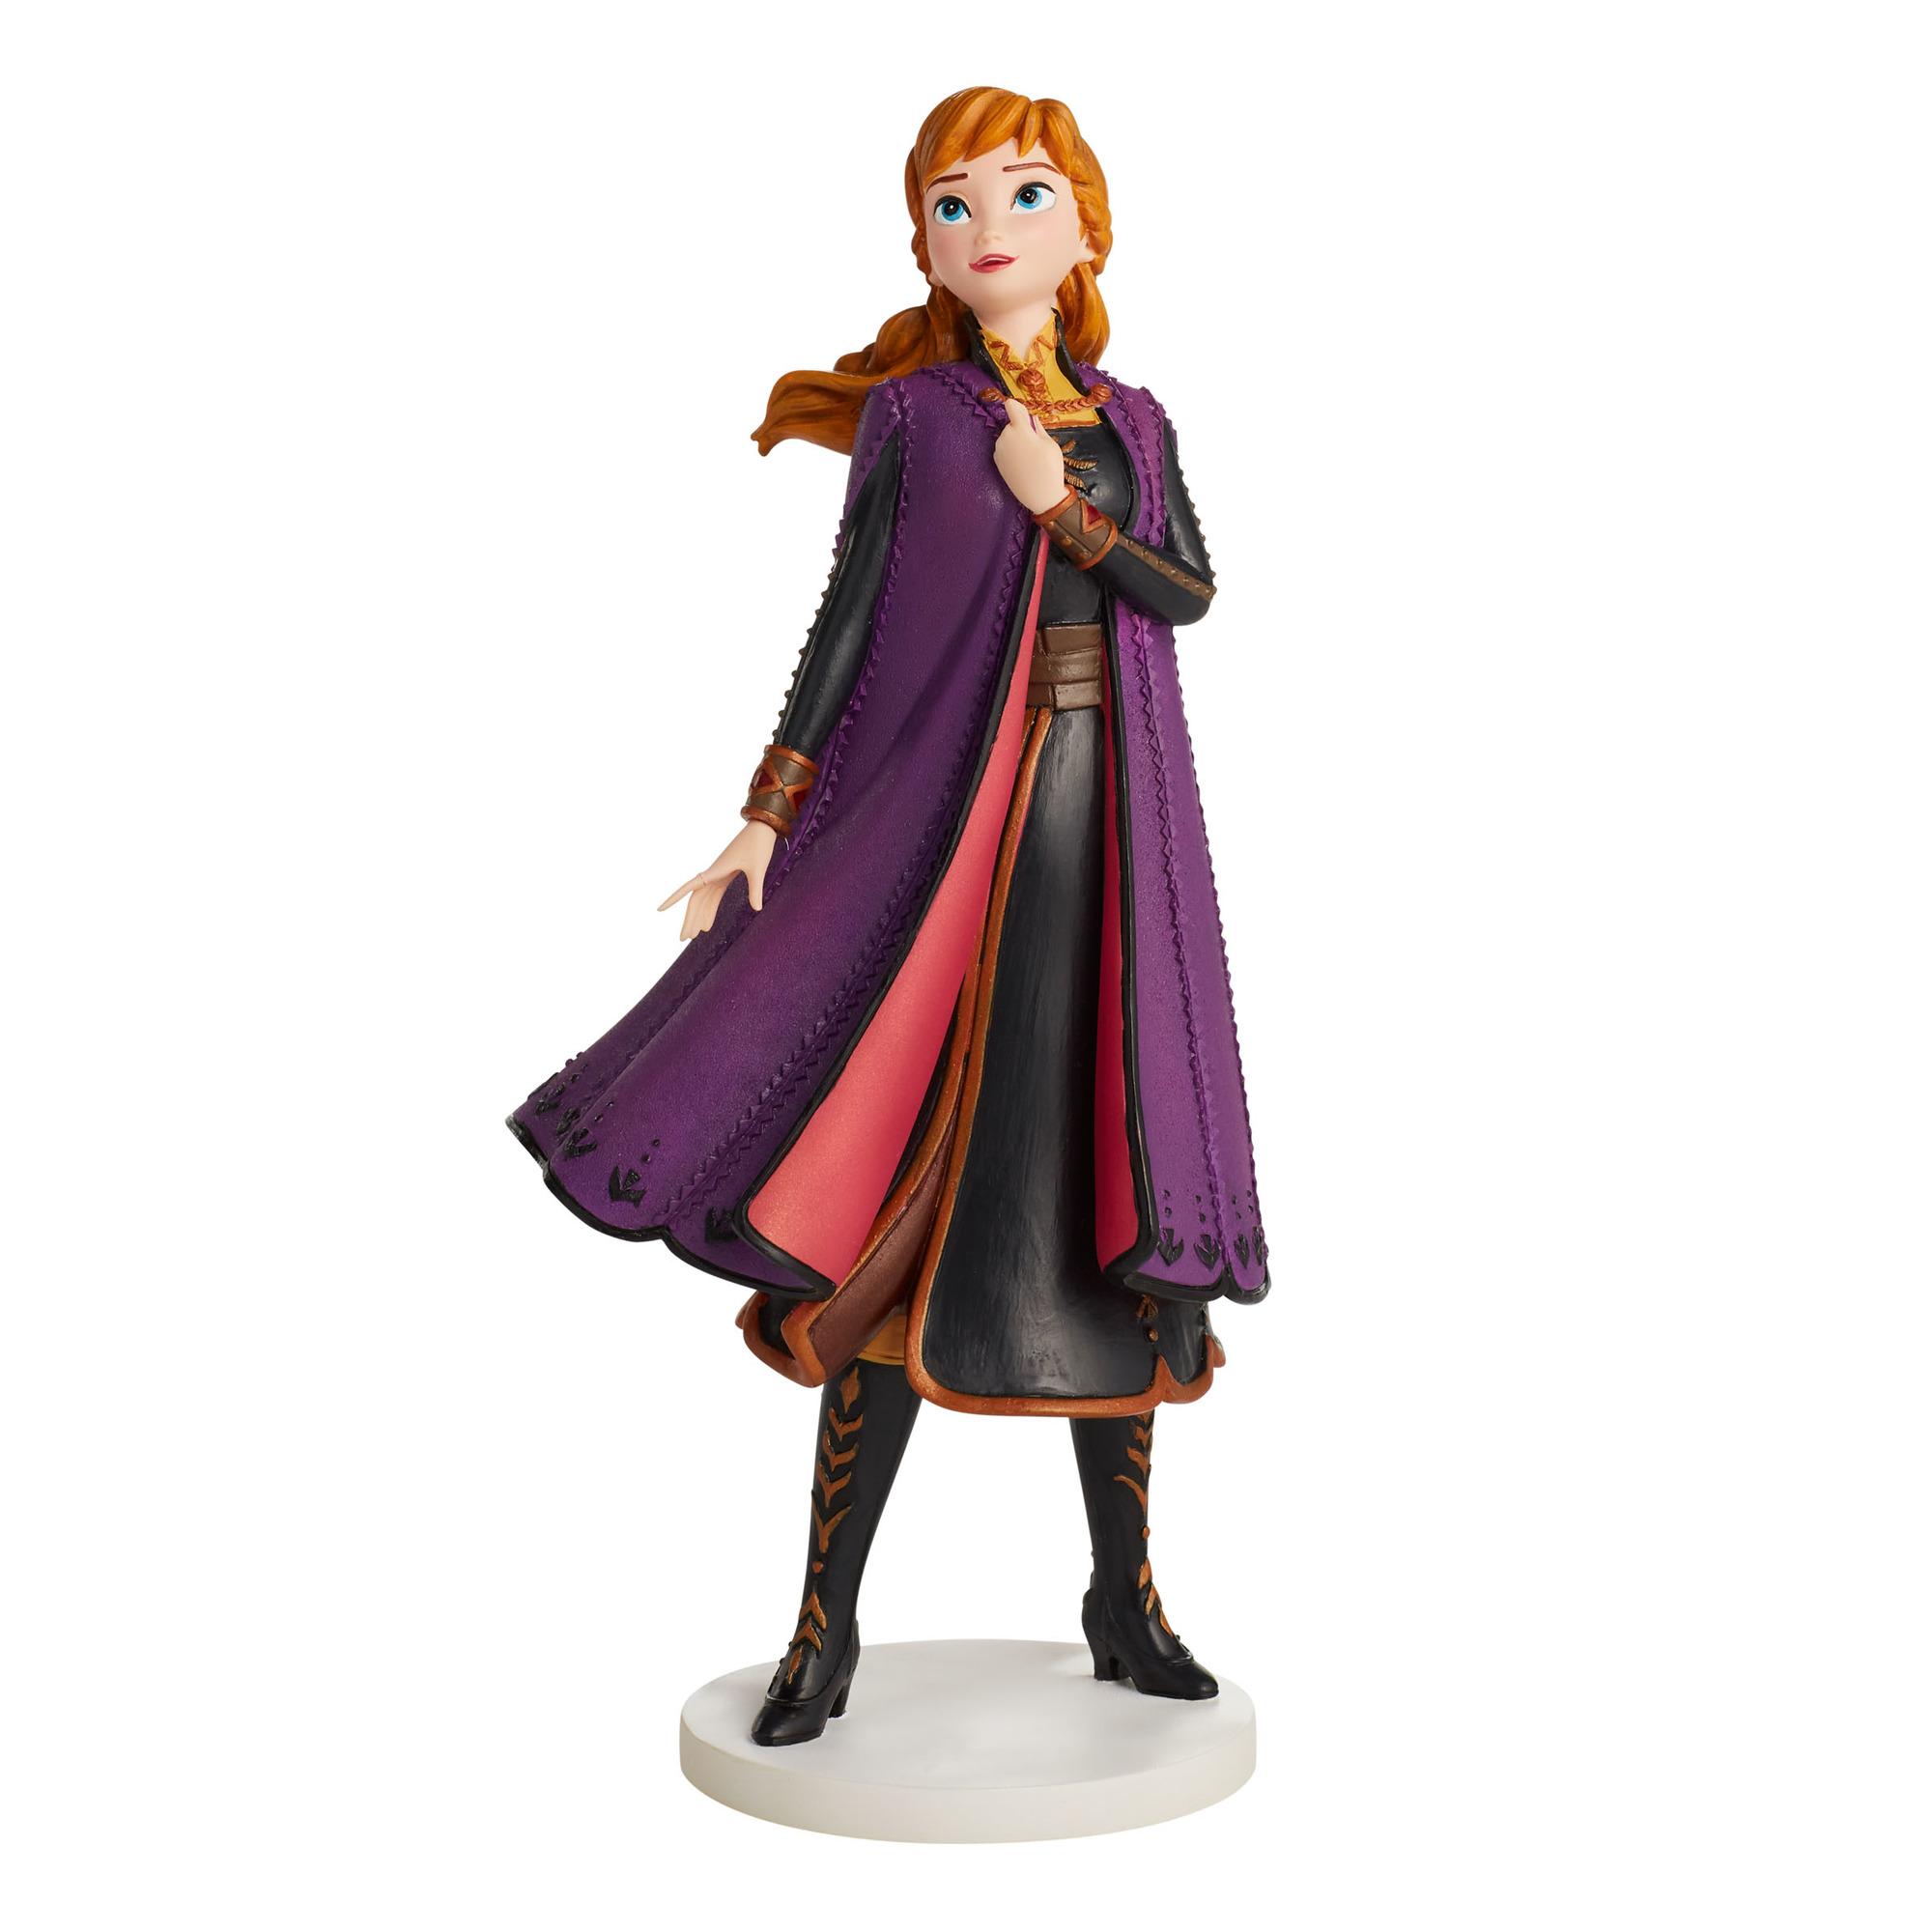 ディズニー・ショーケースディズニーフィギュアアナ(Frozen2)(アナと雪の女王)アナのフィギュア